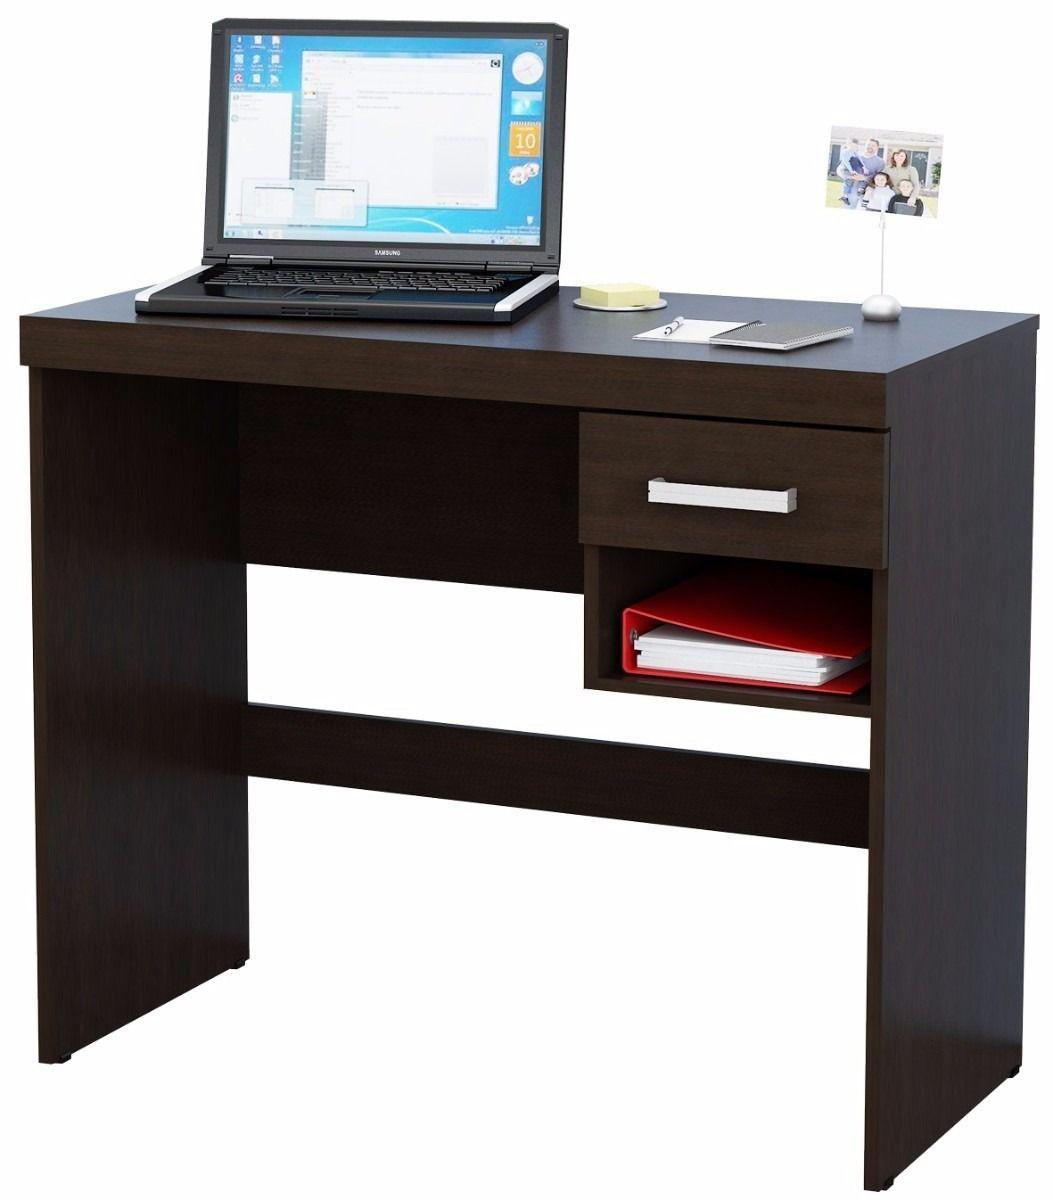 Muebles escritorios amazing diseo de muebles madera mesa for Fabrica de escritorios de oficina